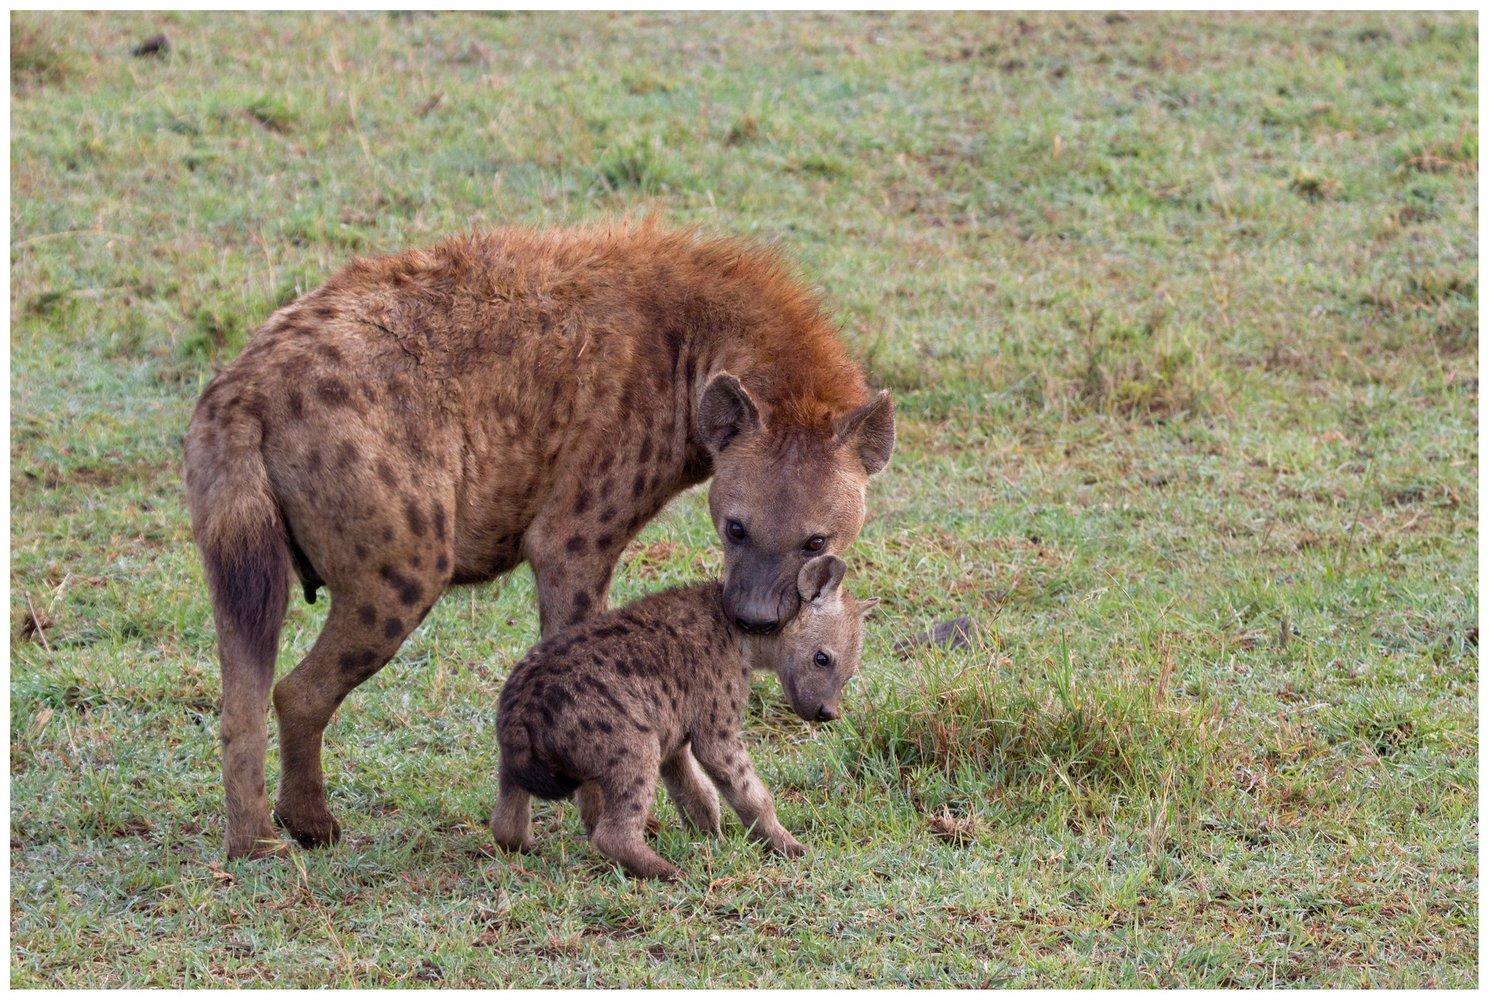 Самка гиены сдетенышем. Фото: Martha deJong-Lantink / Flick